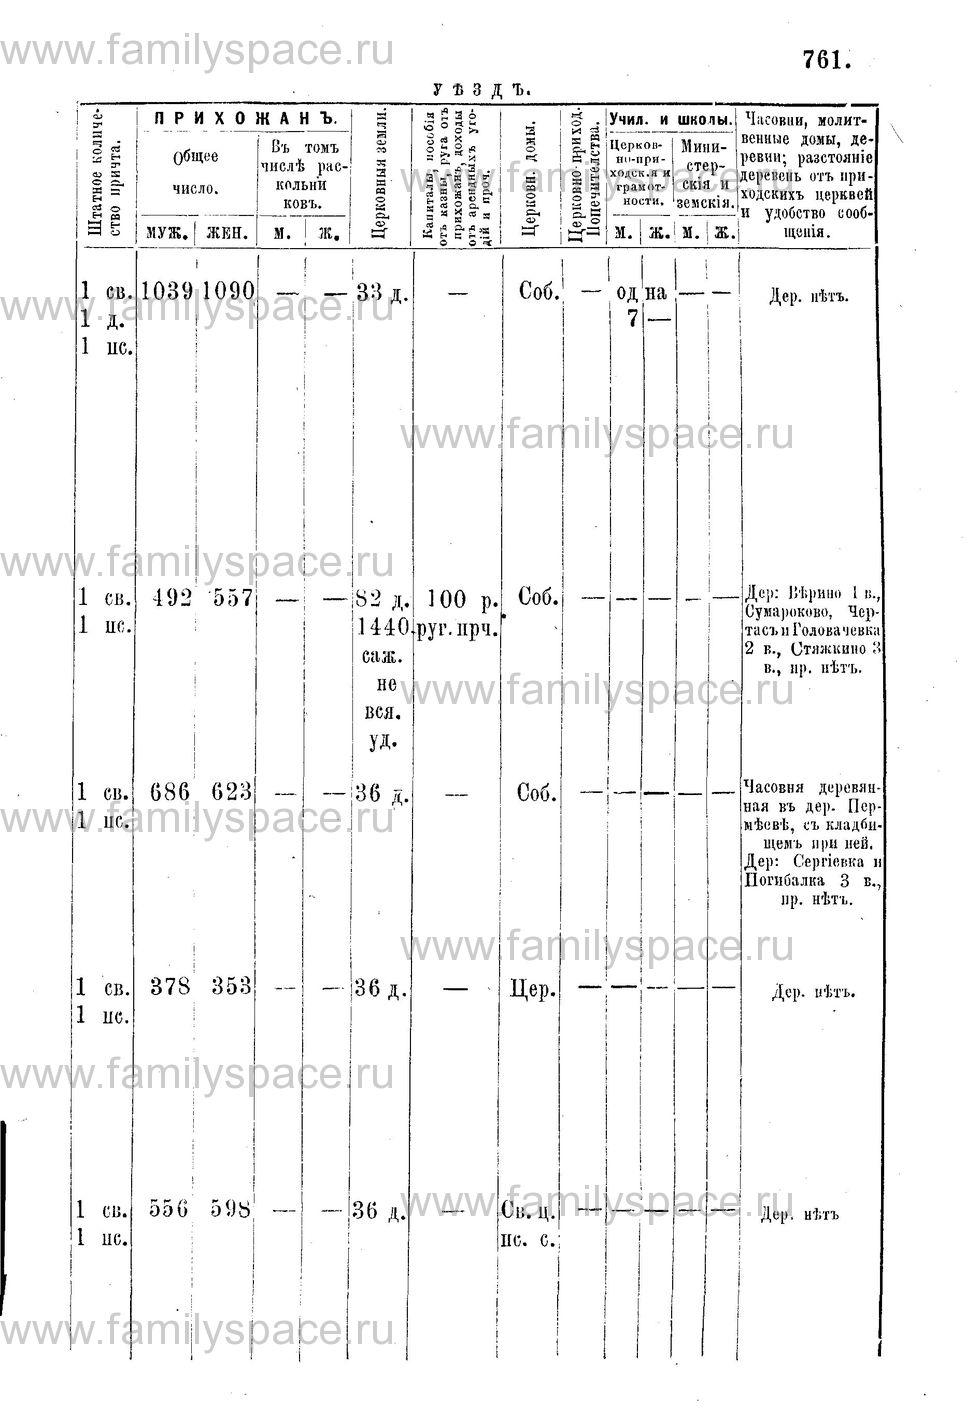 Поиск по фамилии - Адрес-календарь Нижегородской епархии на 1888 год, страница 1761